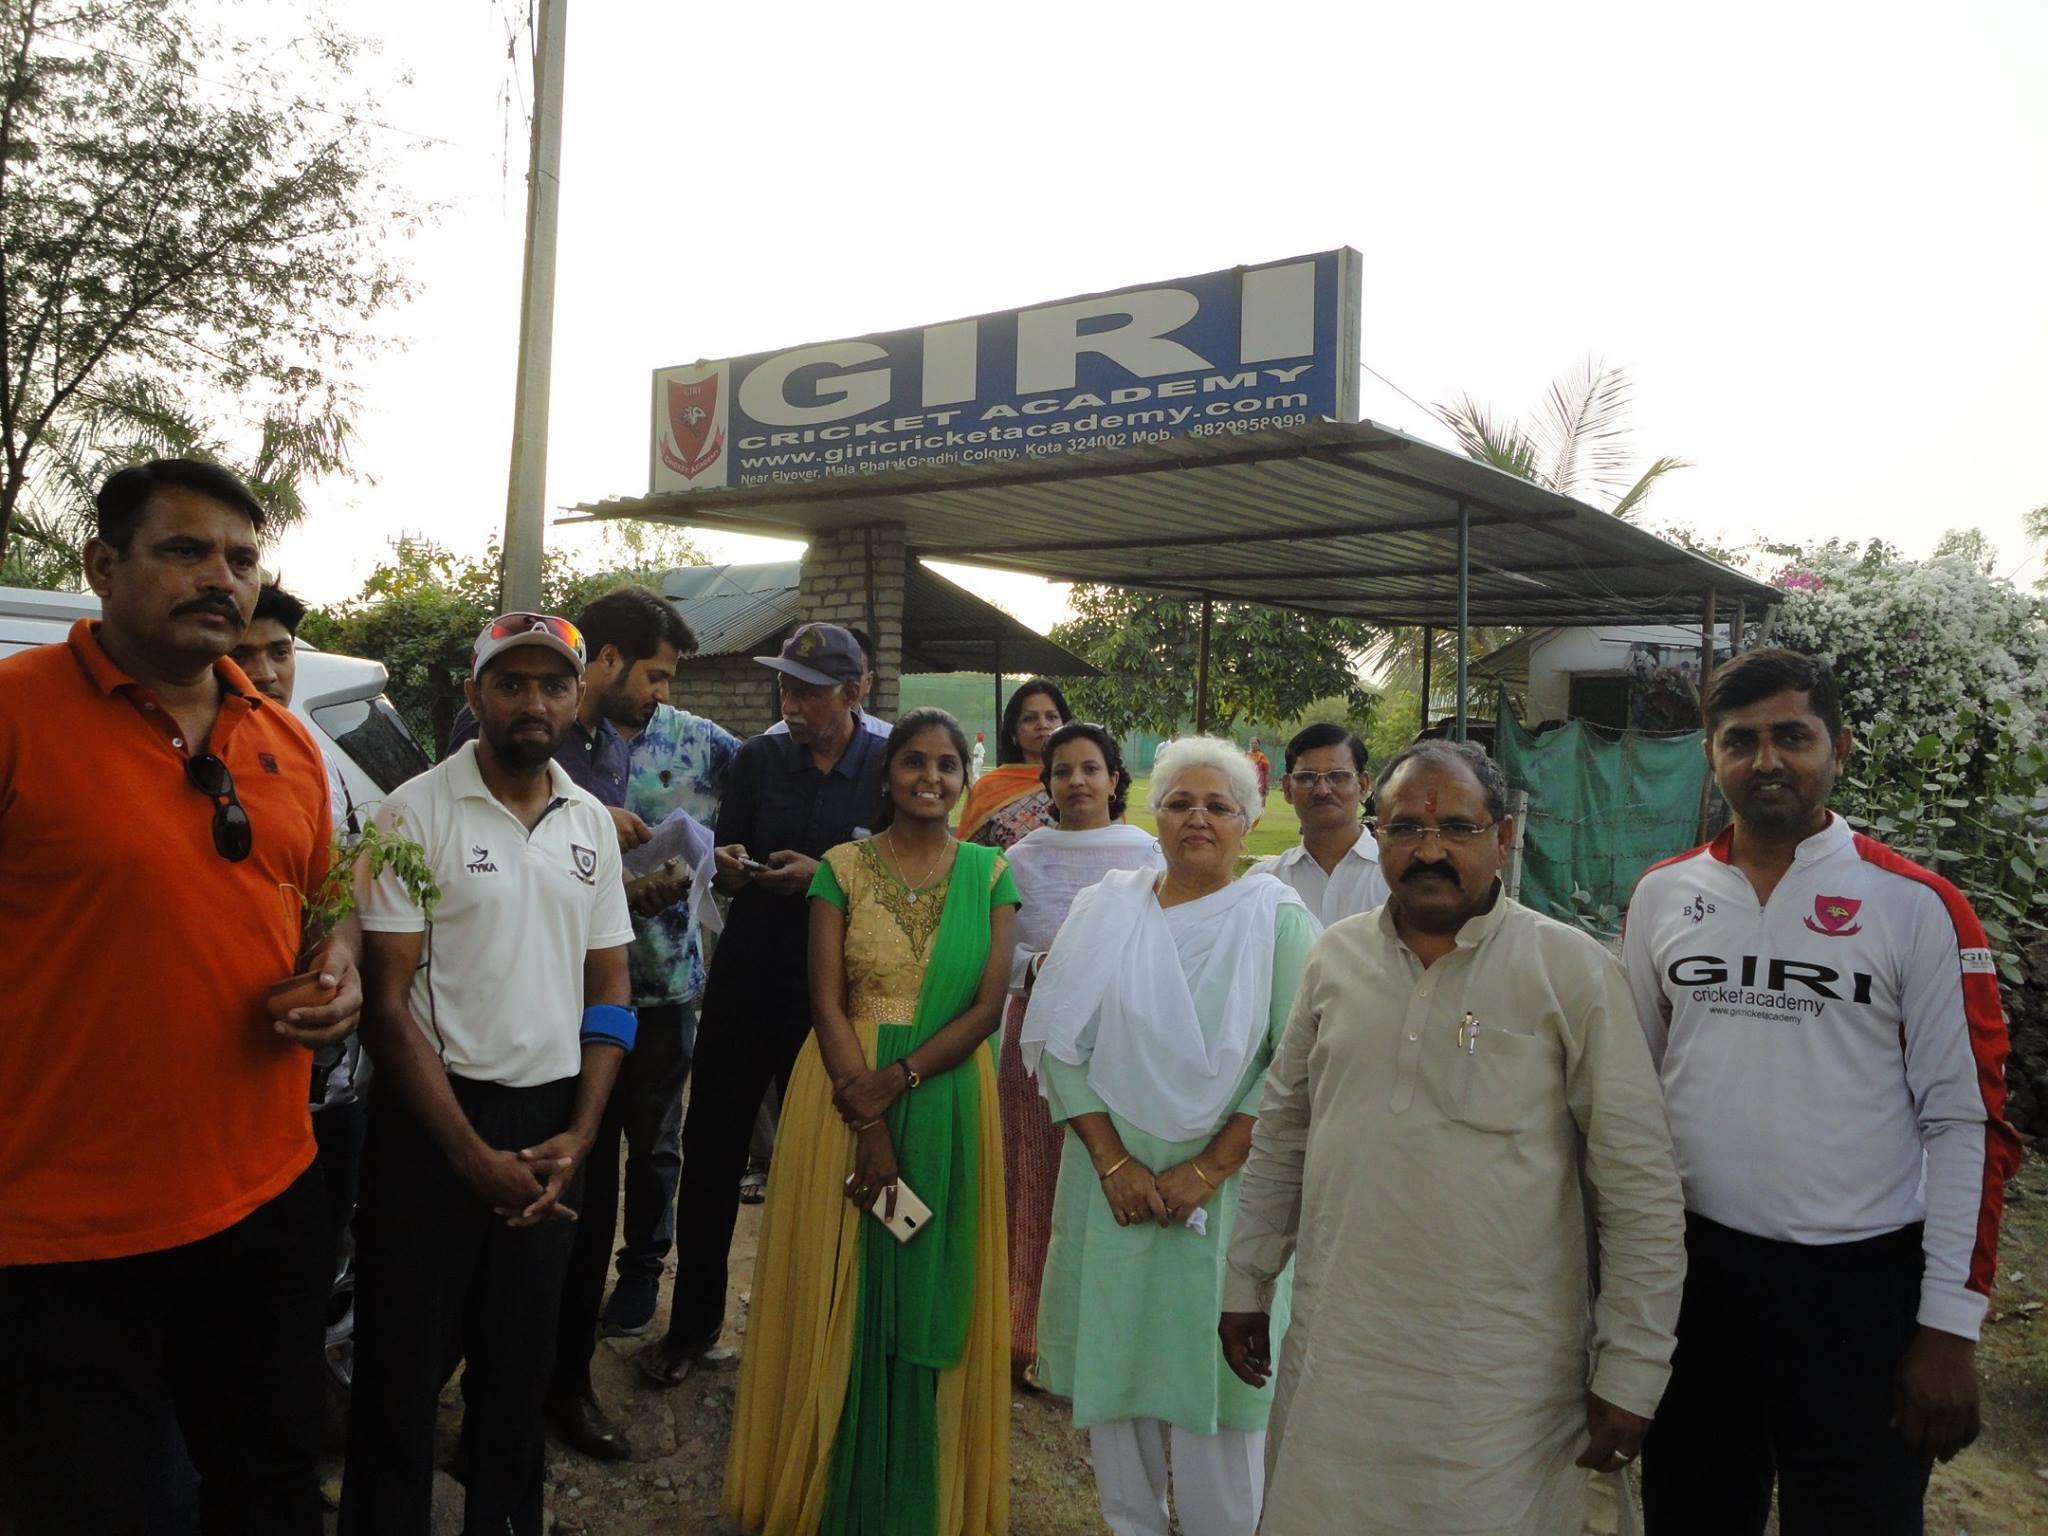 Giri Cricket Academy